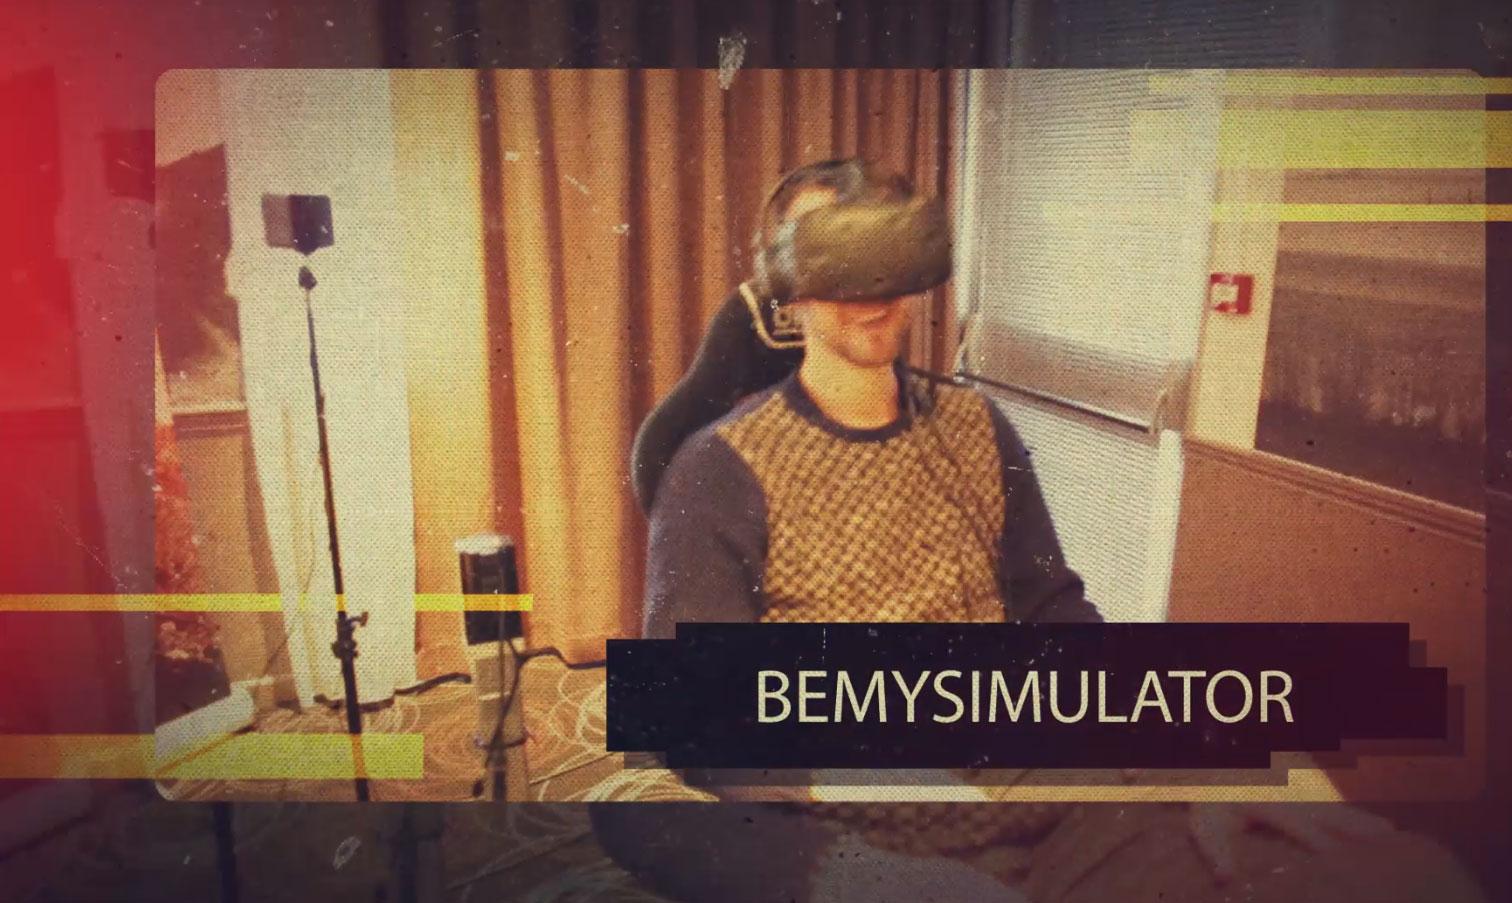 simulateur vr